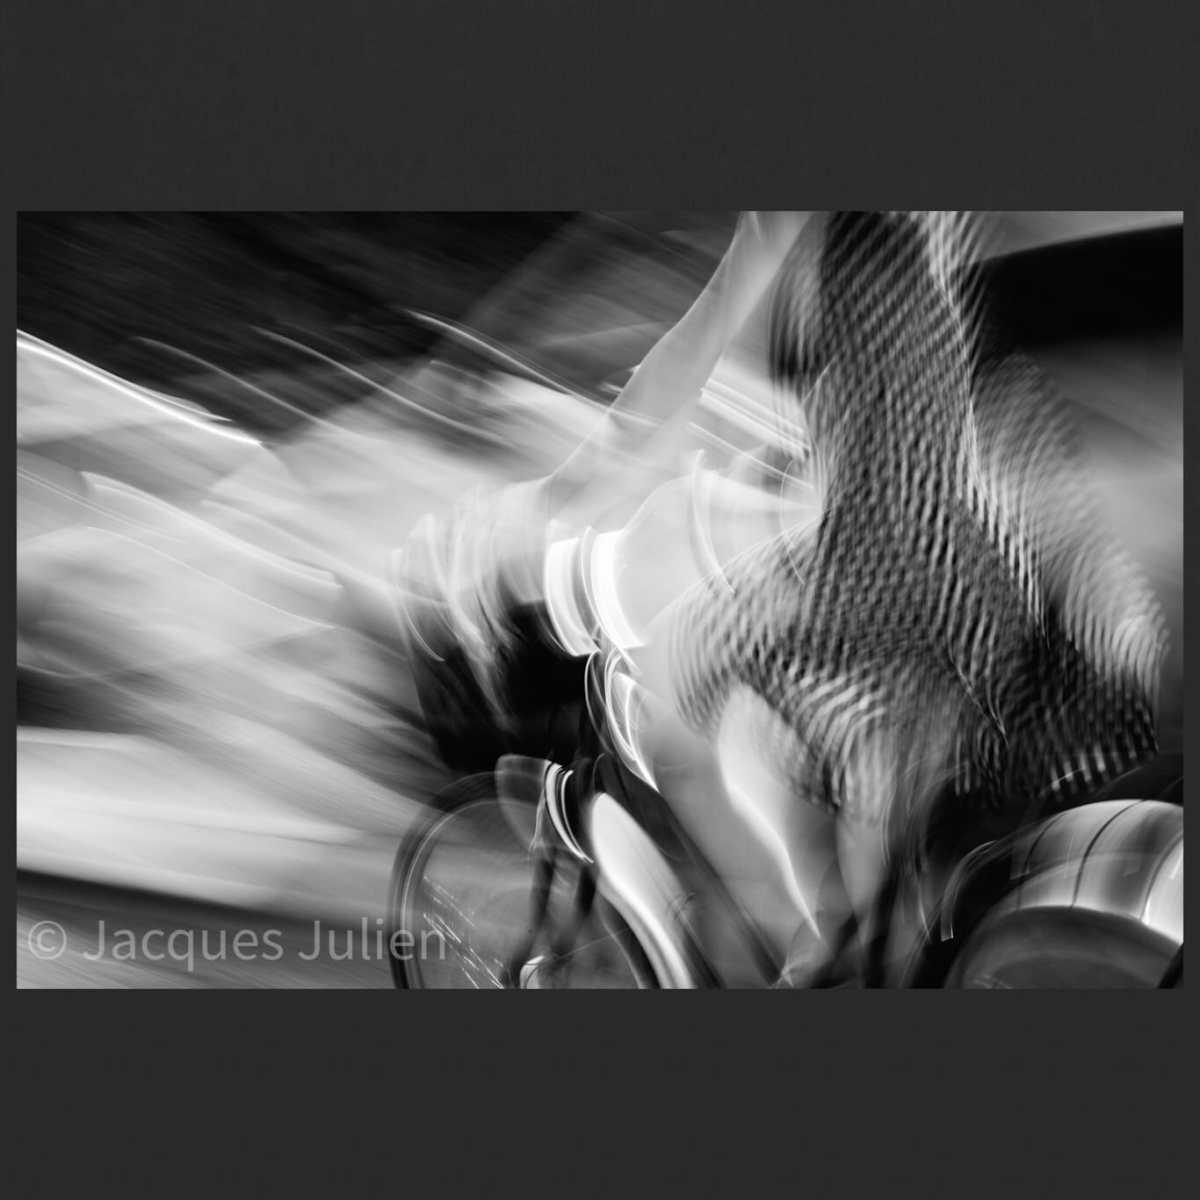 photographie surréaliste en noir et blanc